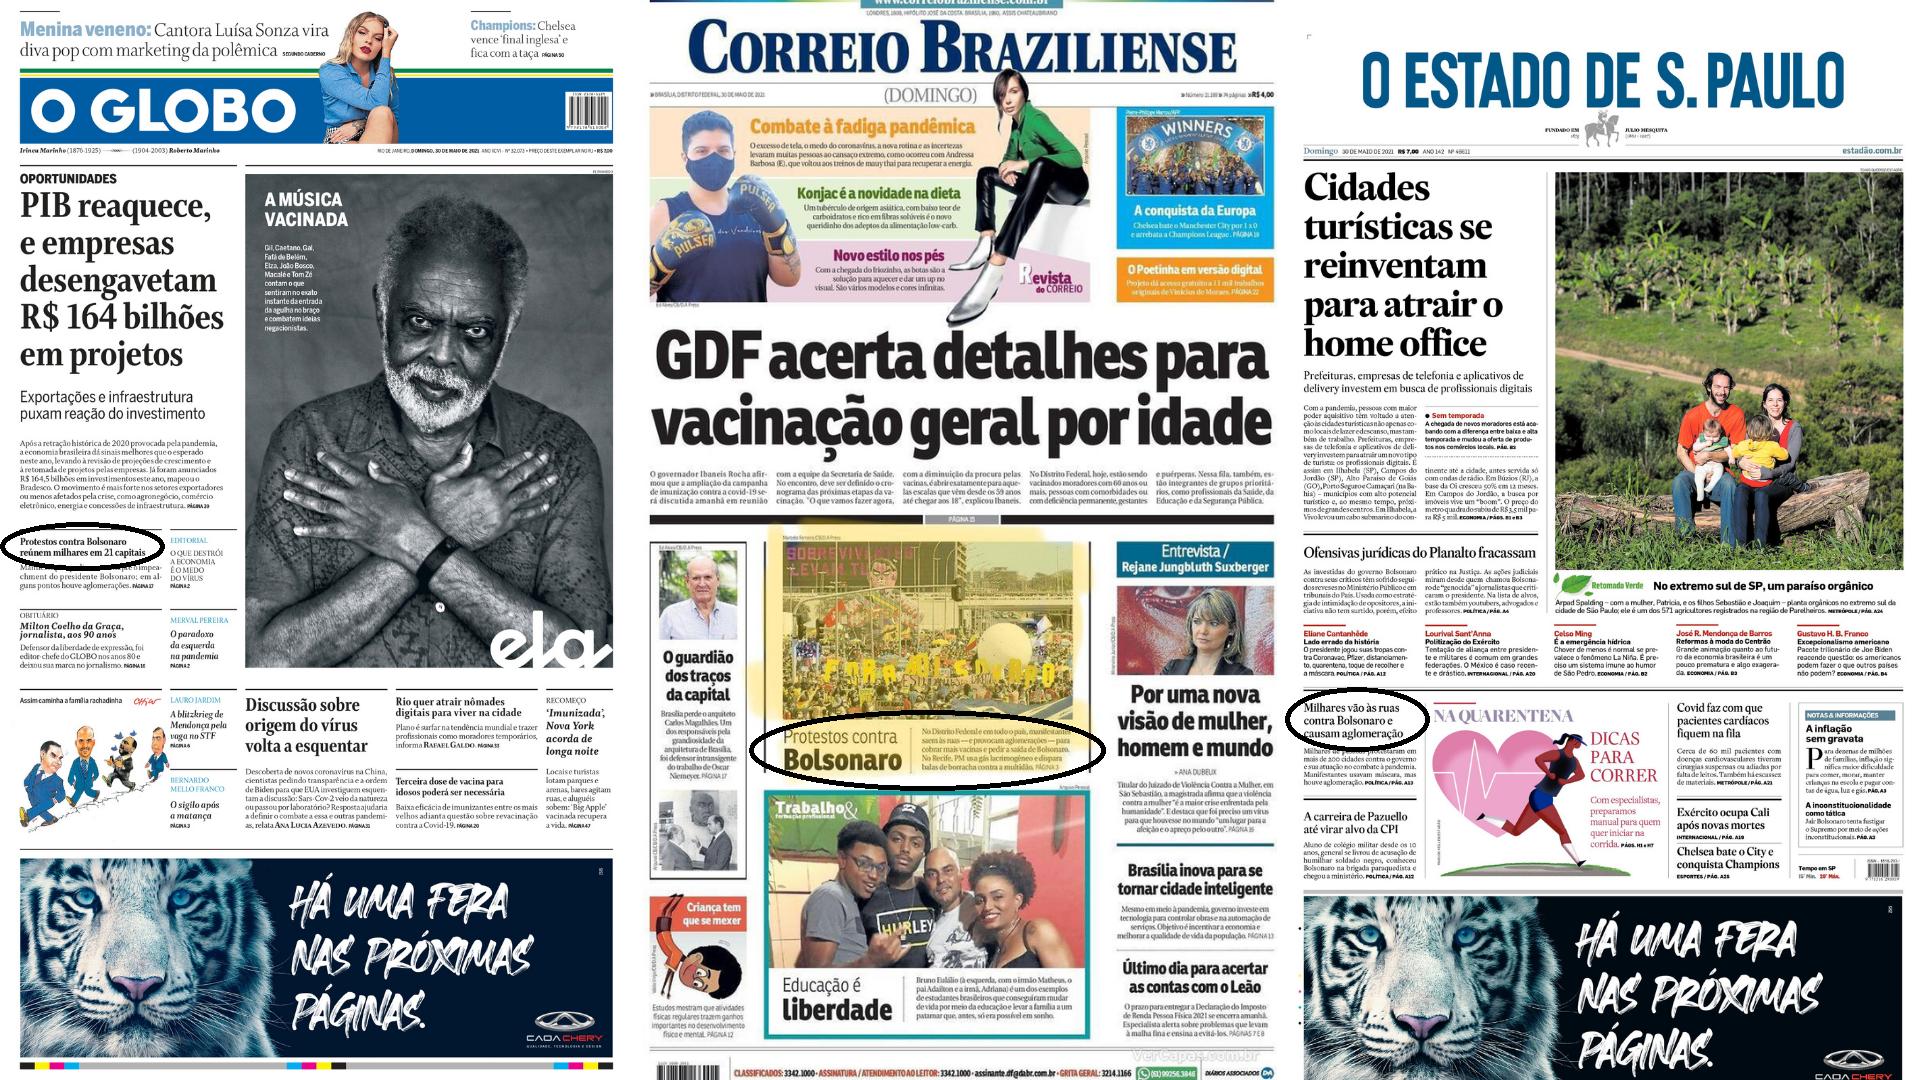 Jornais ignoram manifestações contra Bolsonaro